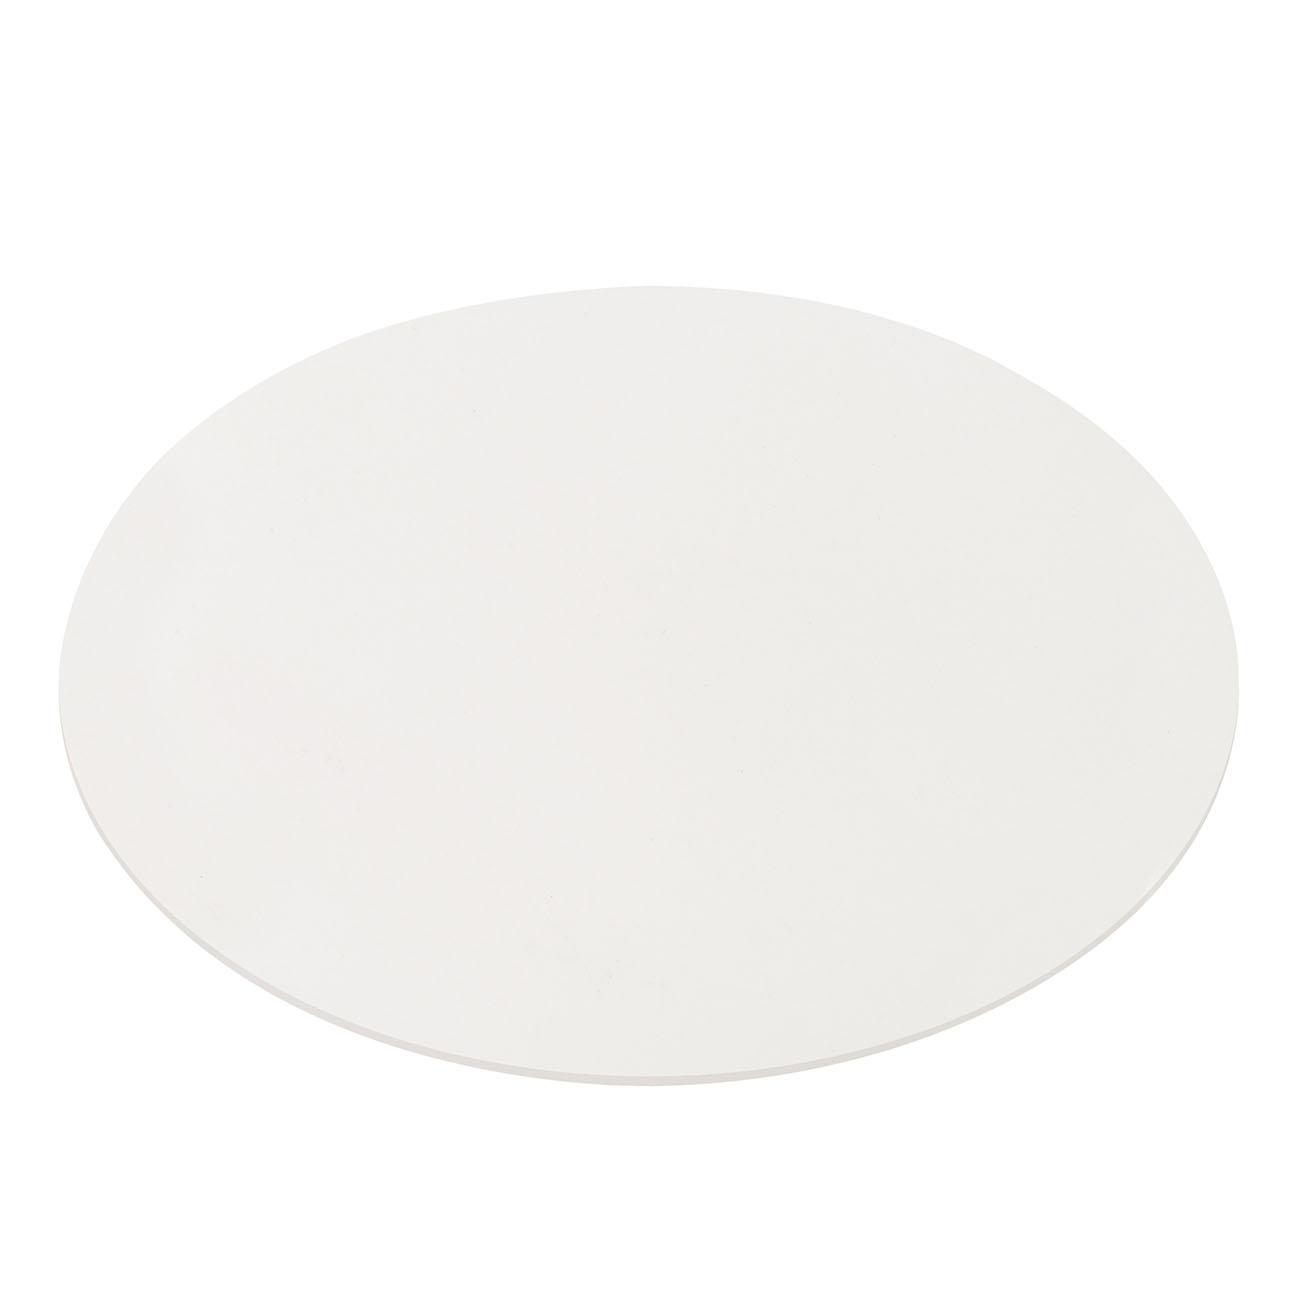 6er Set Diffusoraufsatz für Einbauleuchten, Ø 2,3 cm, Weiss